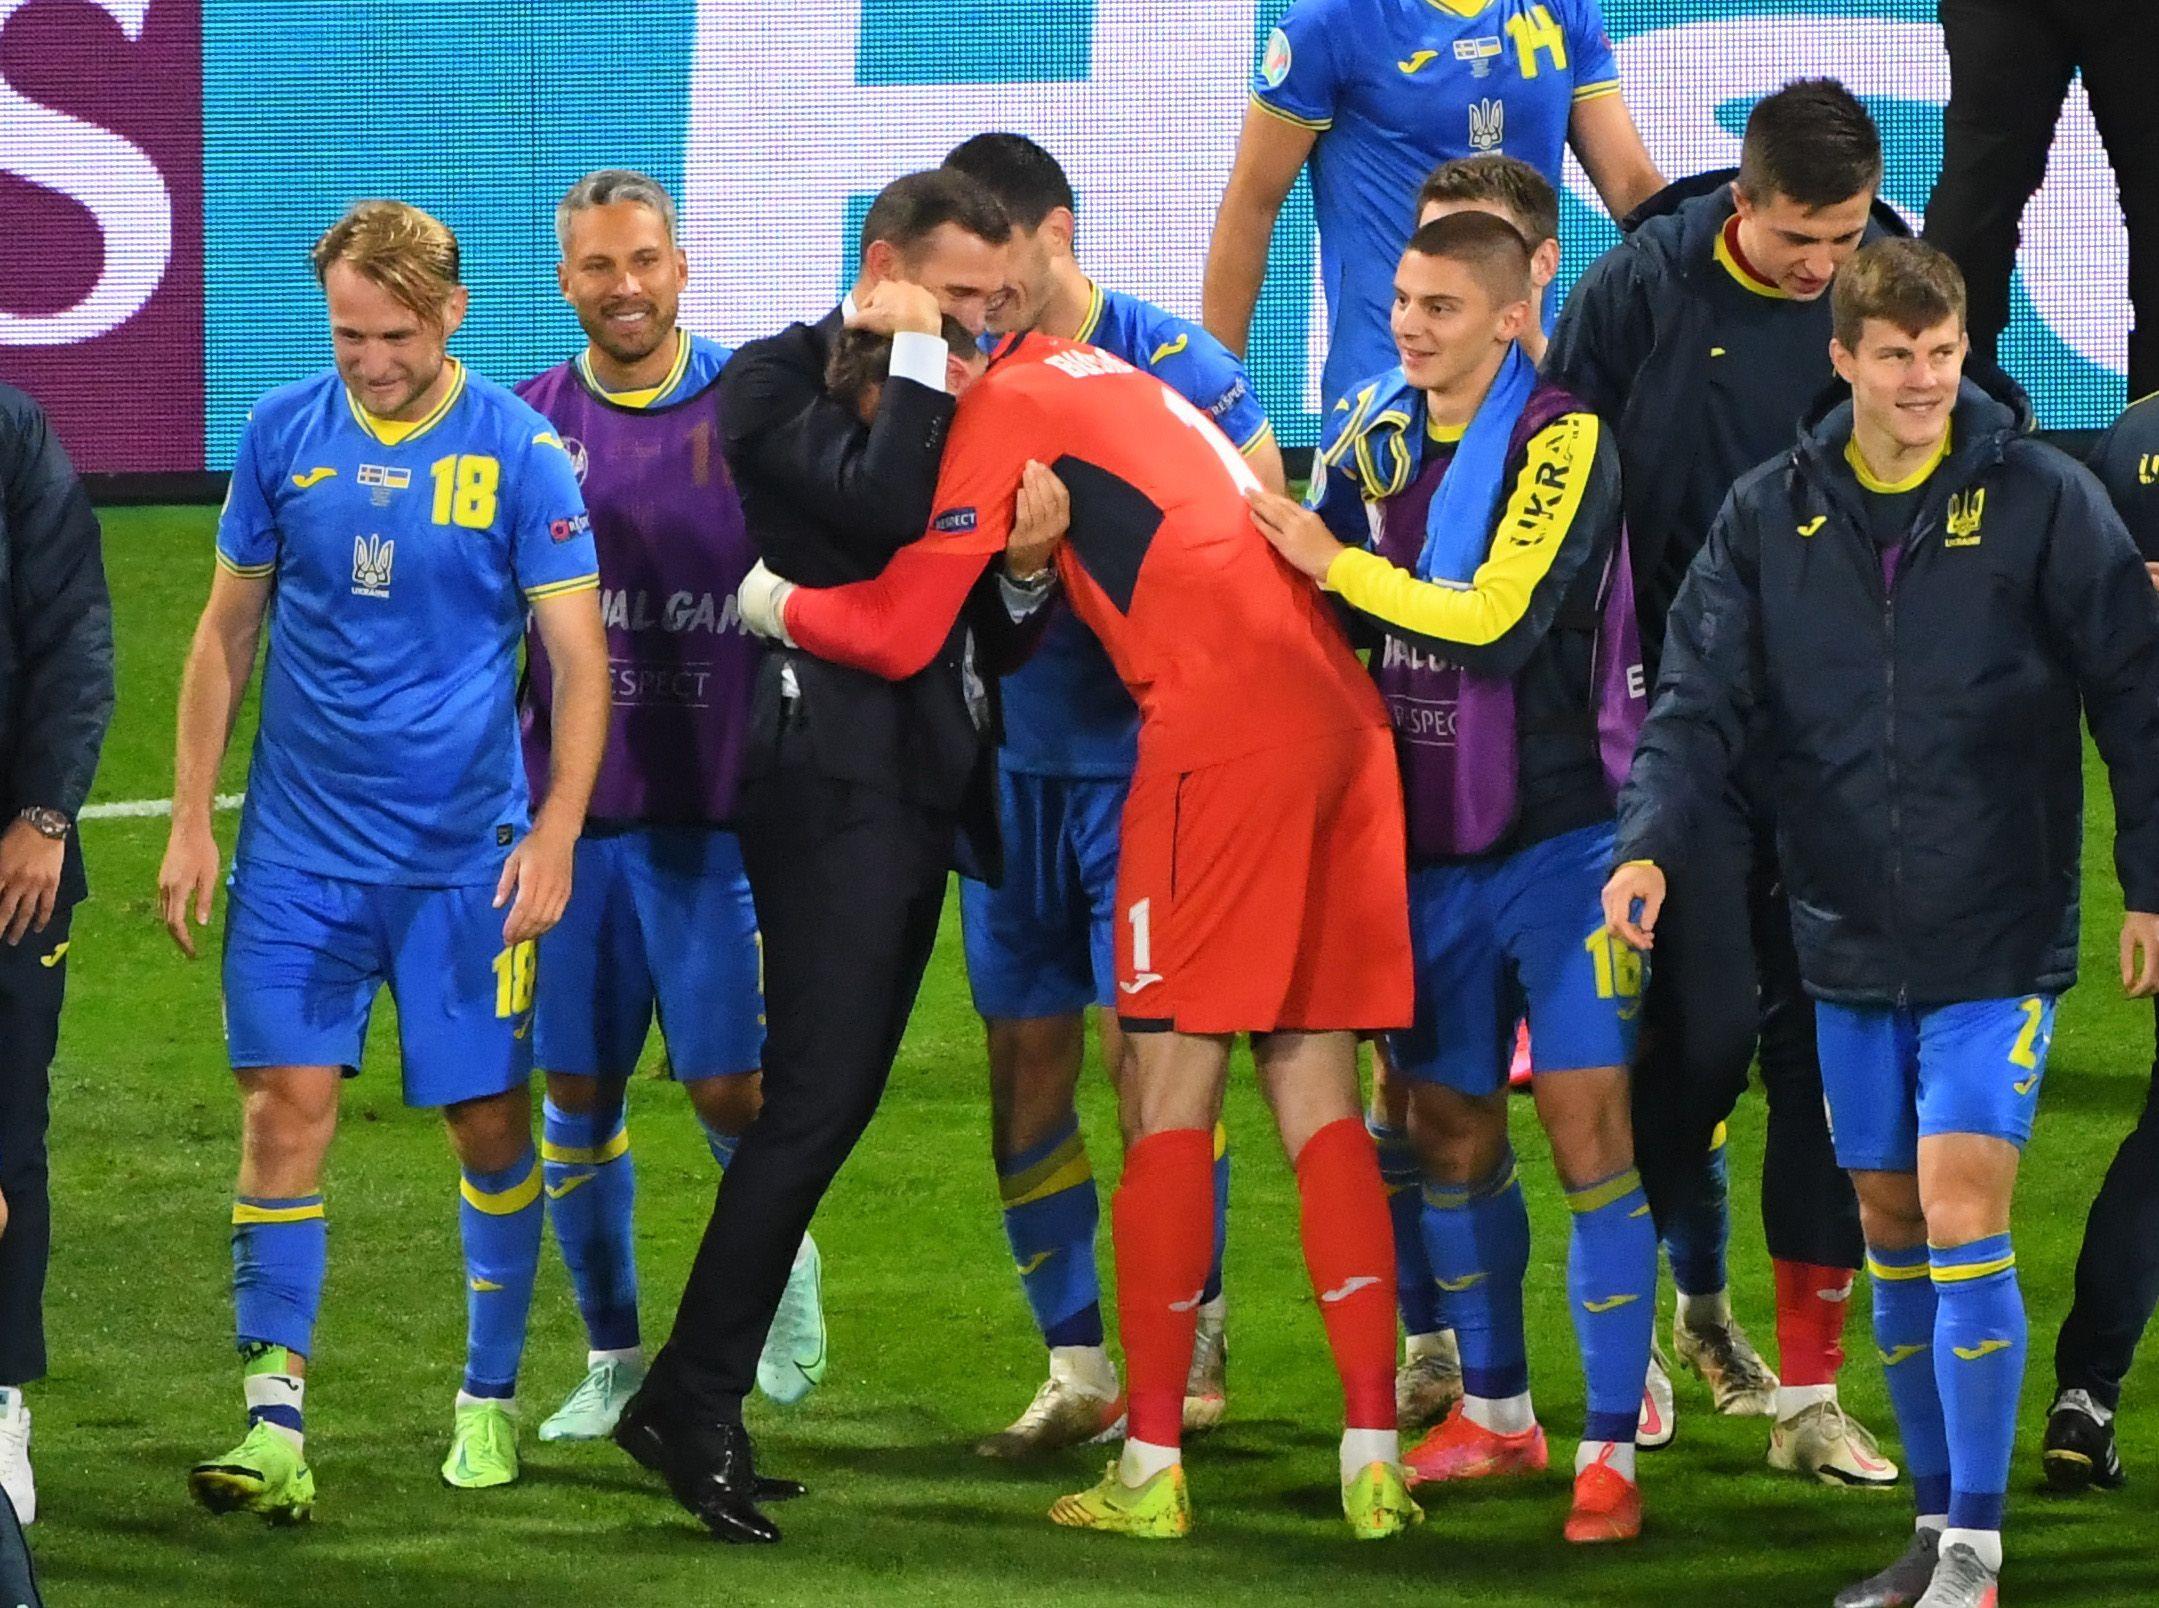 Shevchenko festejando con sus jugadores tras eliminar a Suecia en los octavos de final de la Euro.